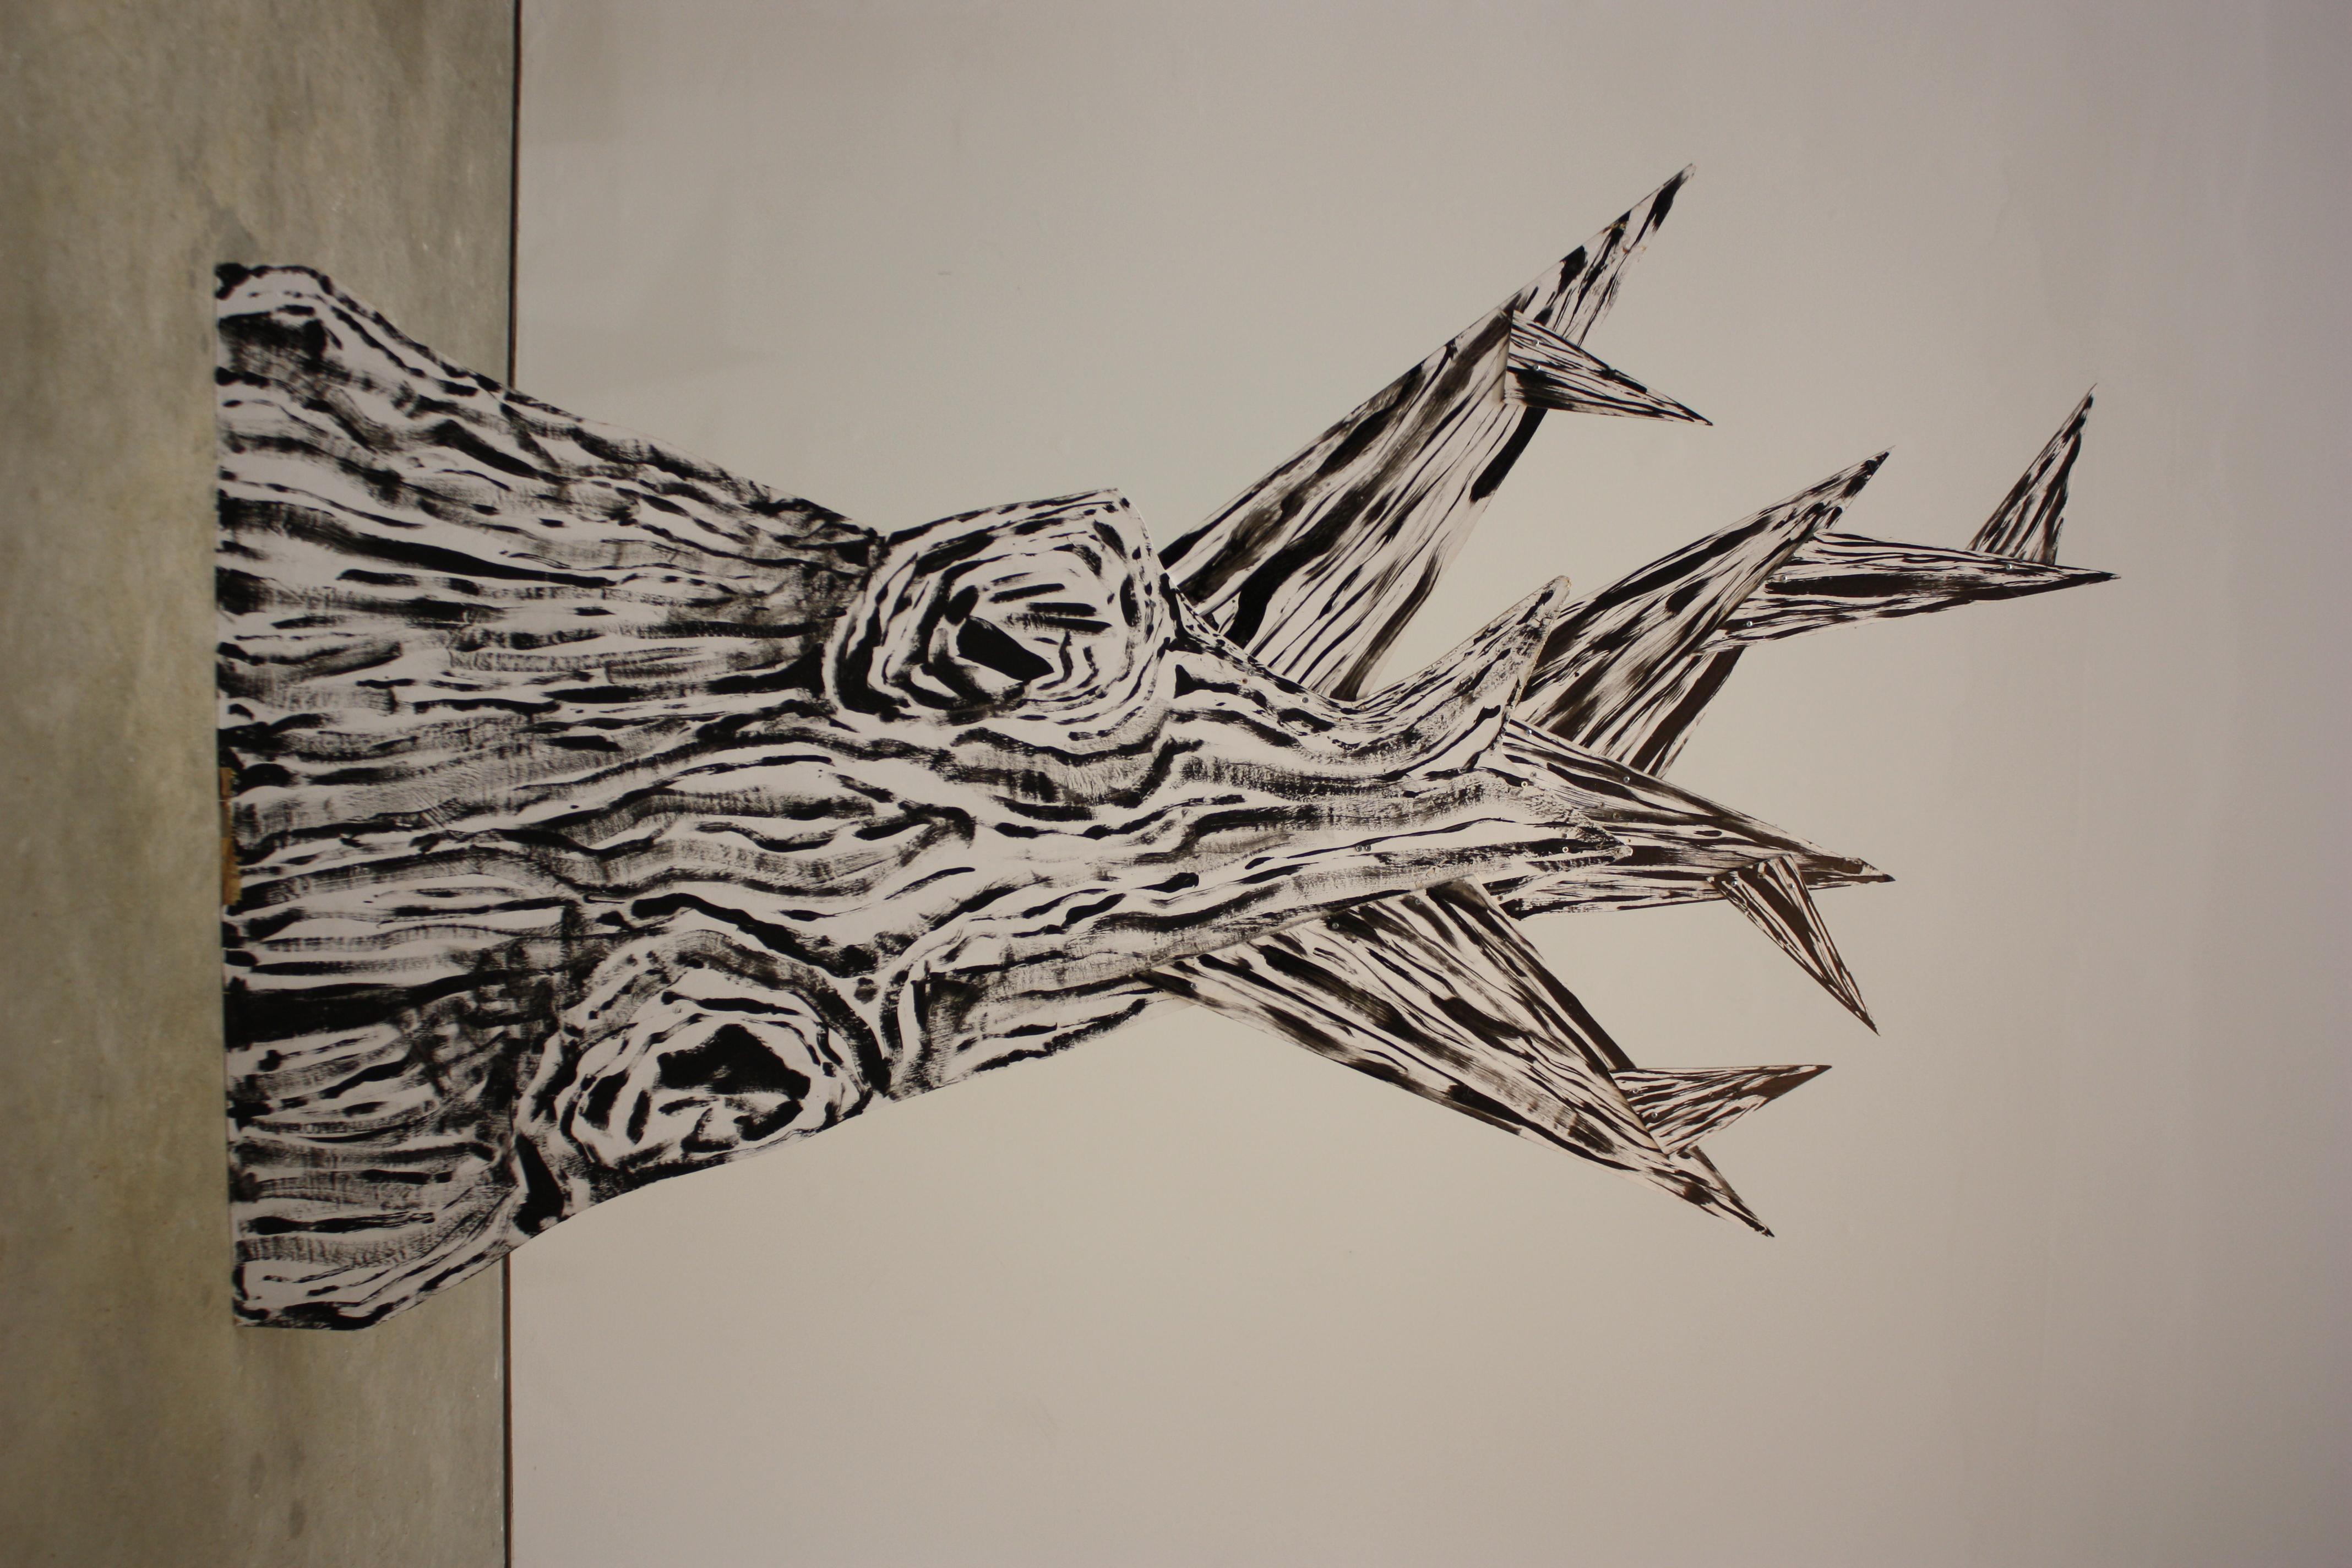 Tree (full view)